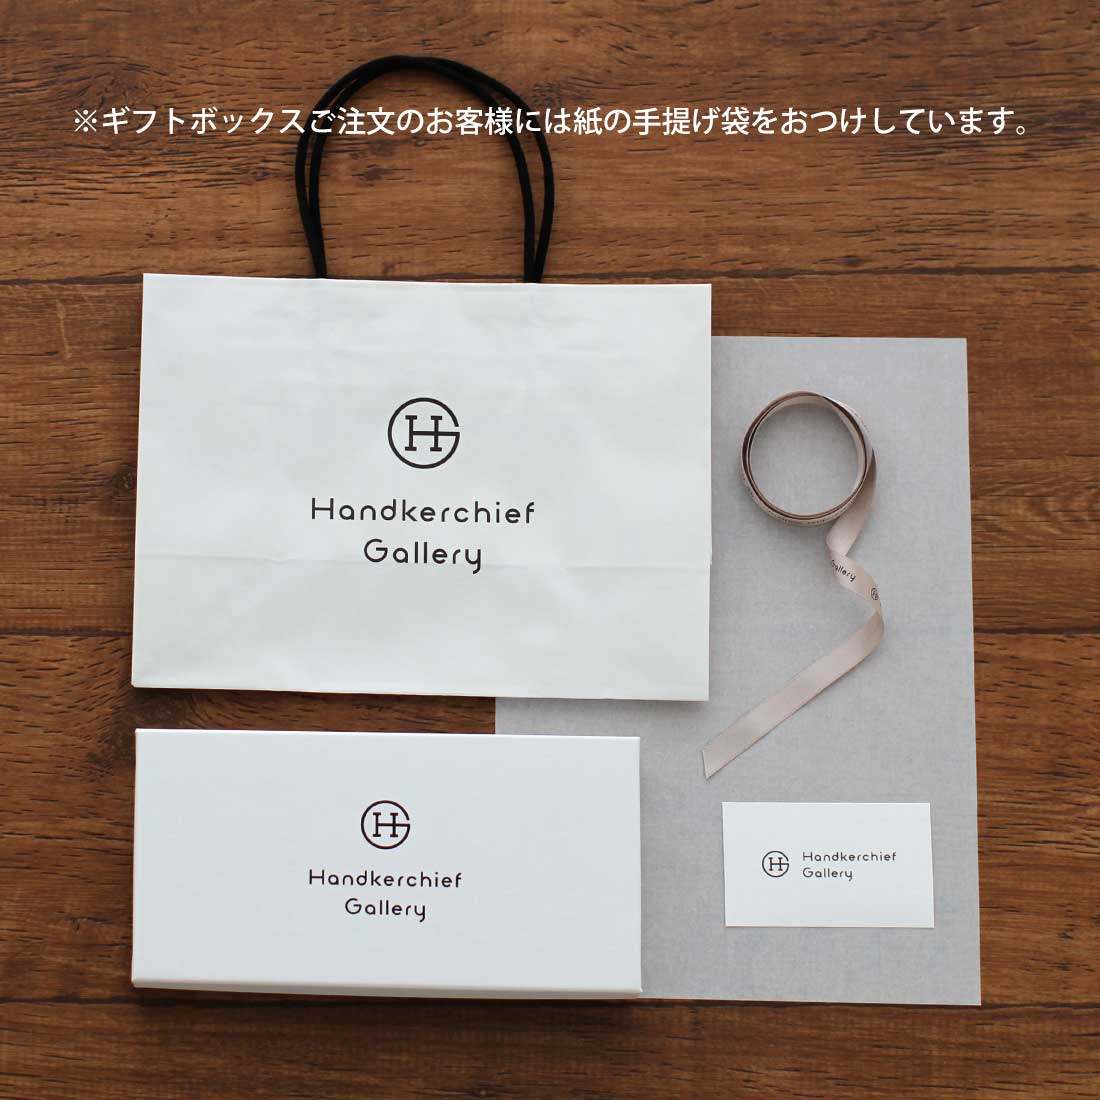 ハンカチーフギャラリー長方形ギフトBOX(1〜3枚入れ)